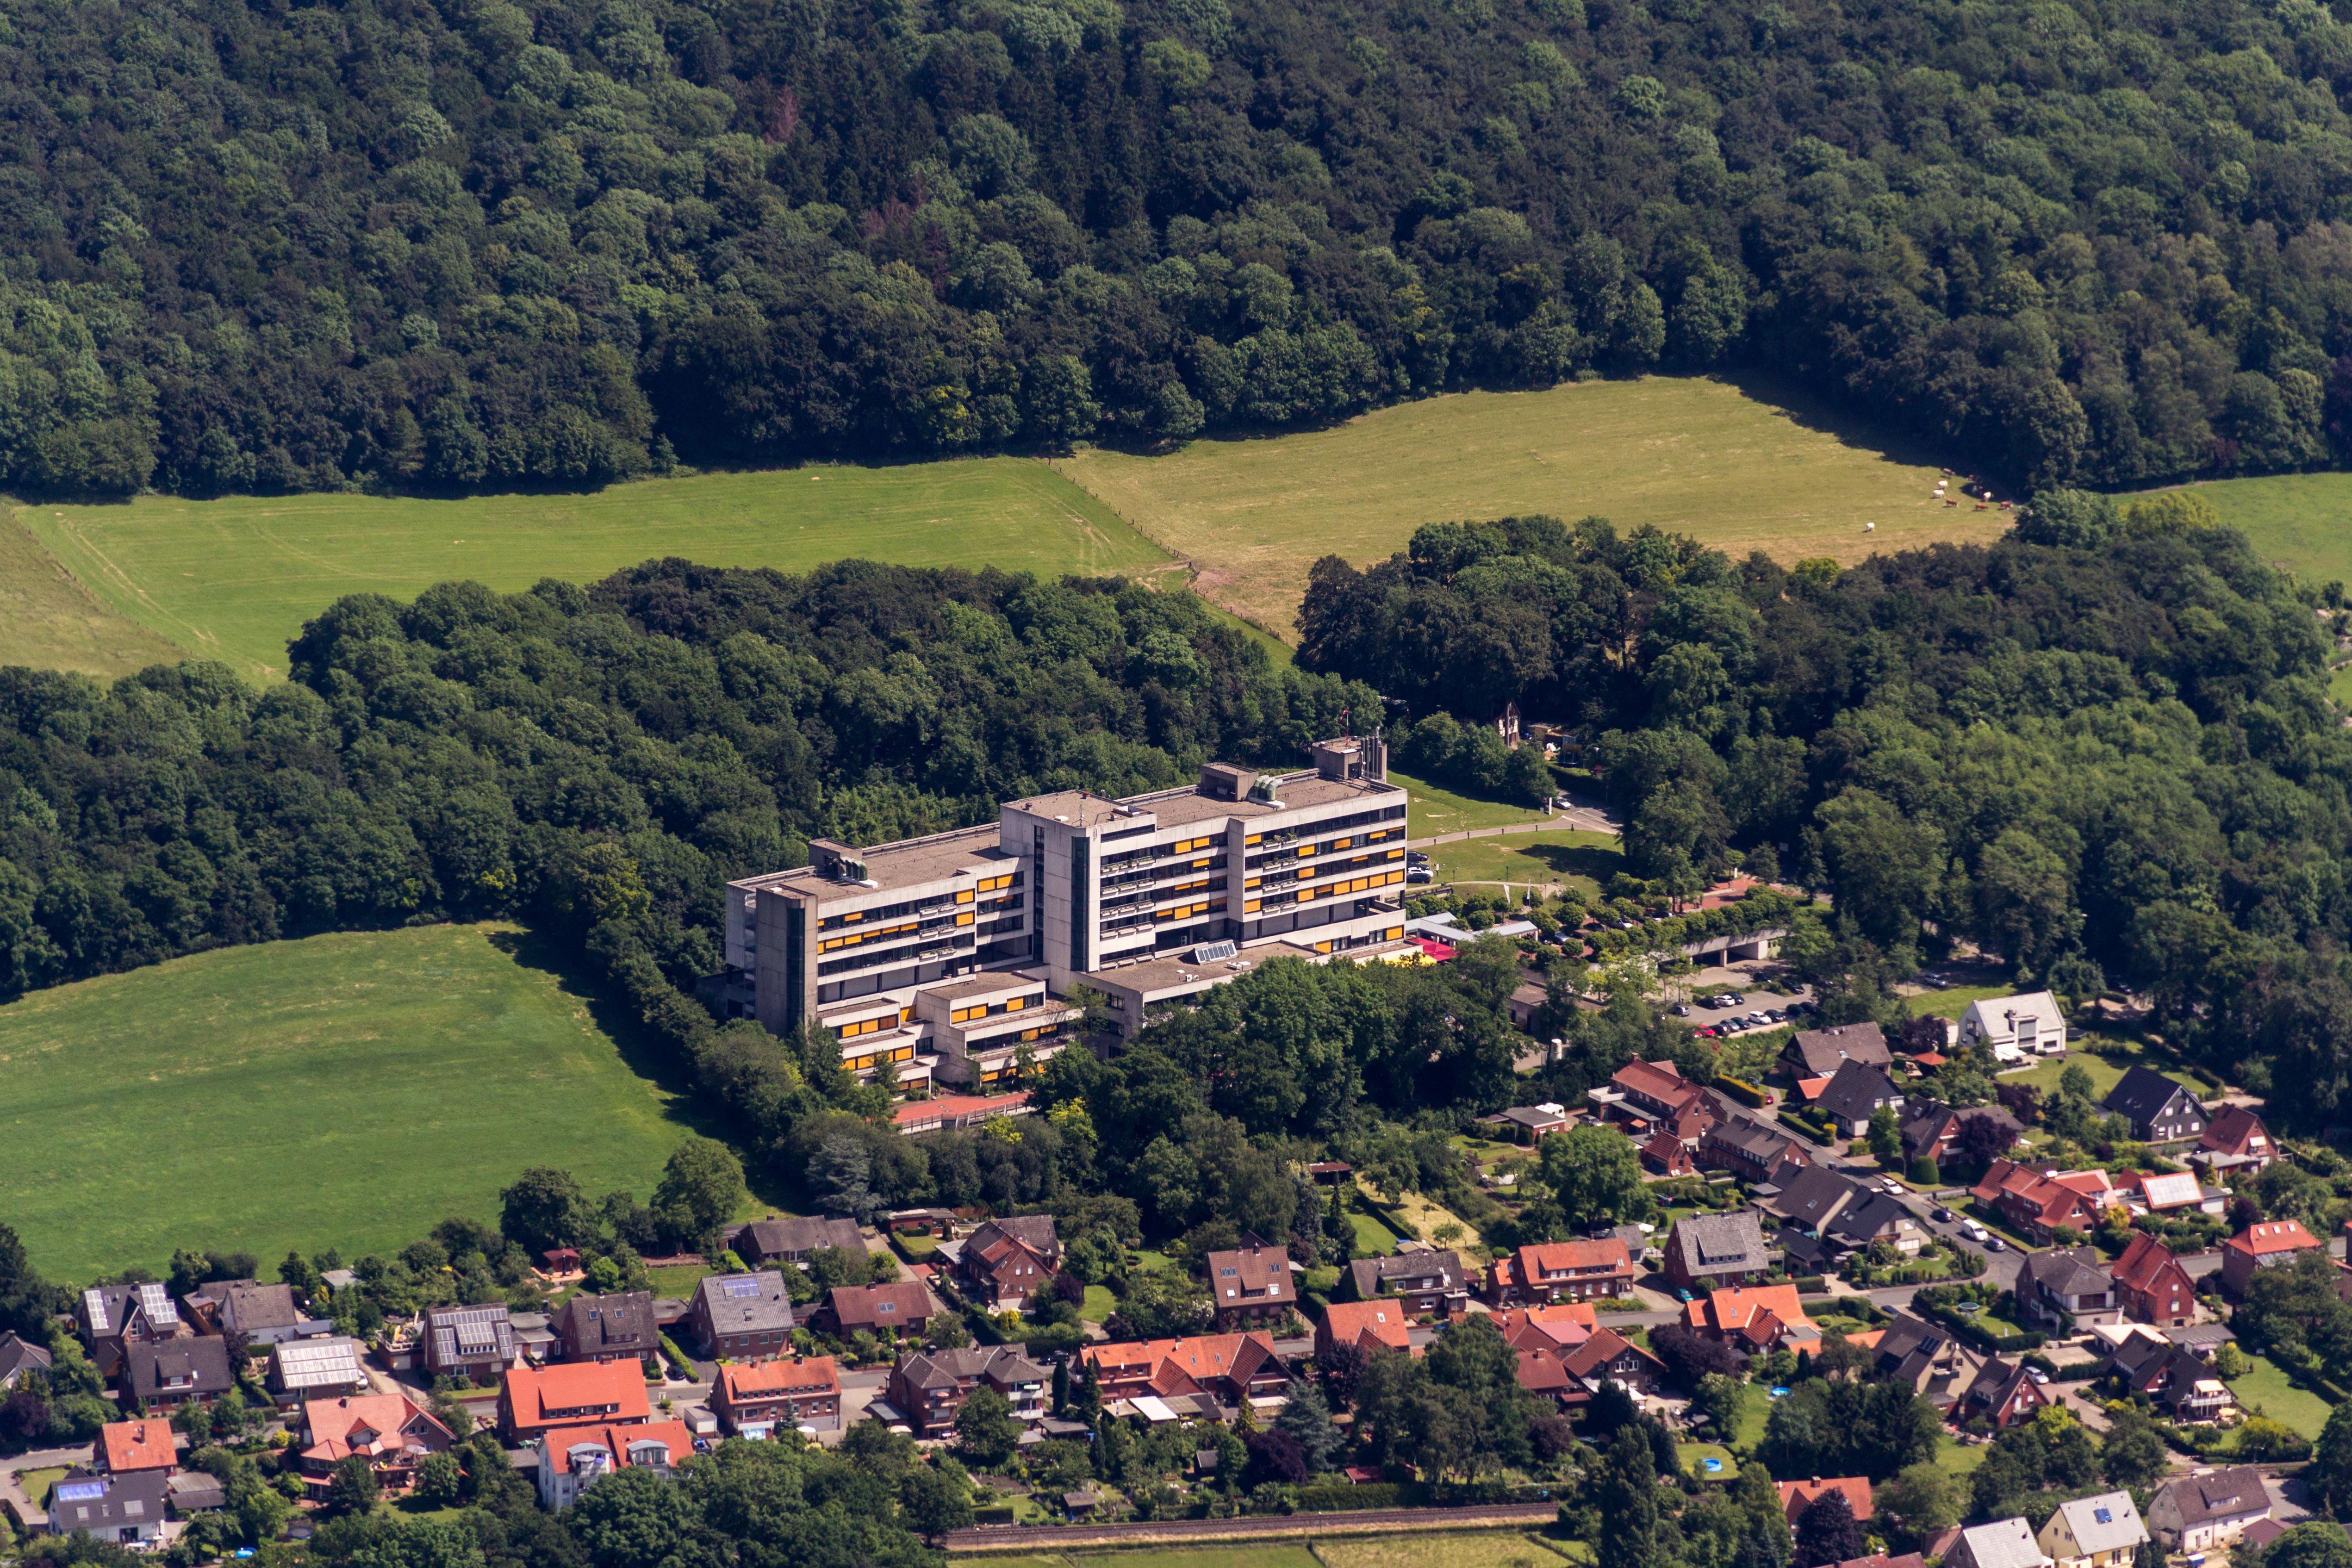 File:Lengerich, Helios-Klinik -- 2014 -- 9768.jpg - Wikimedia Commons